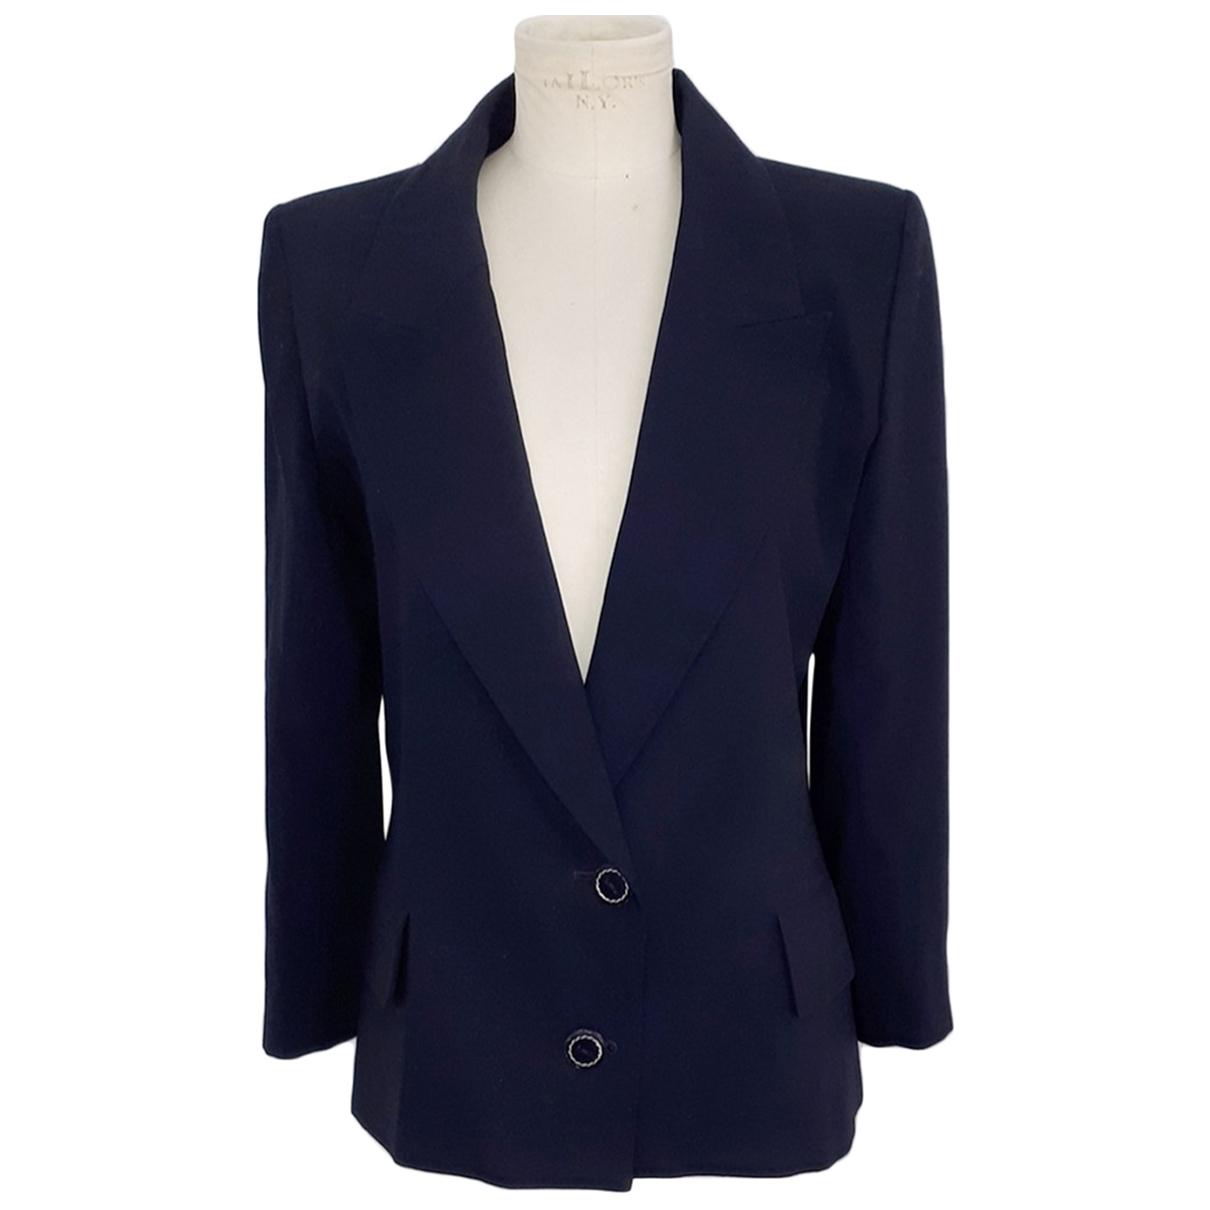 Yves Saint Laurent \N Jacke in  Blau Wolle